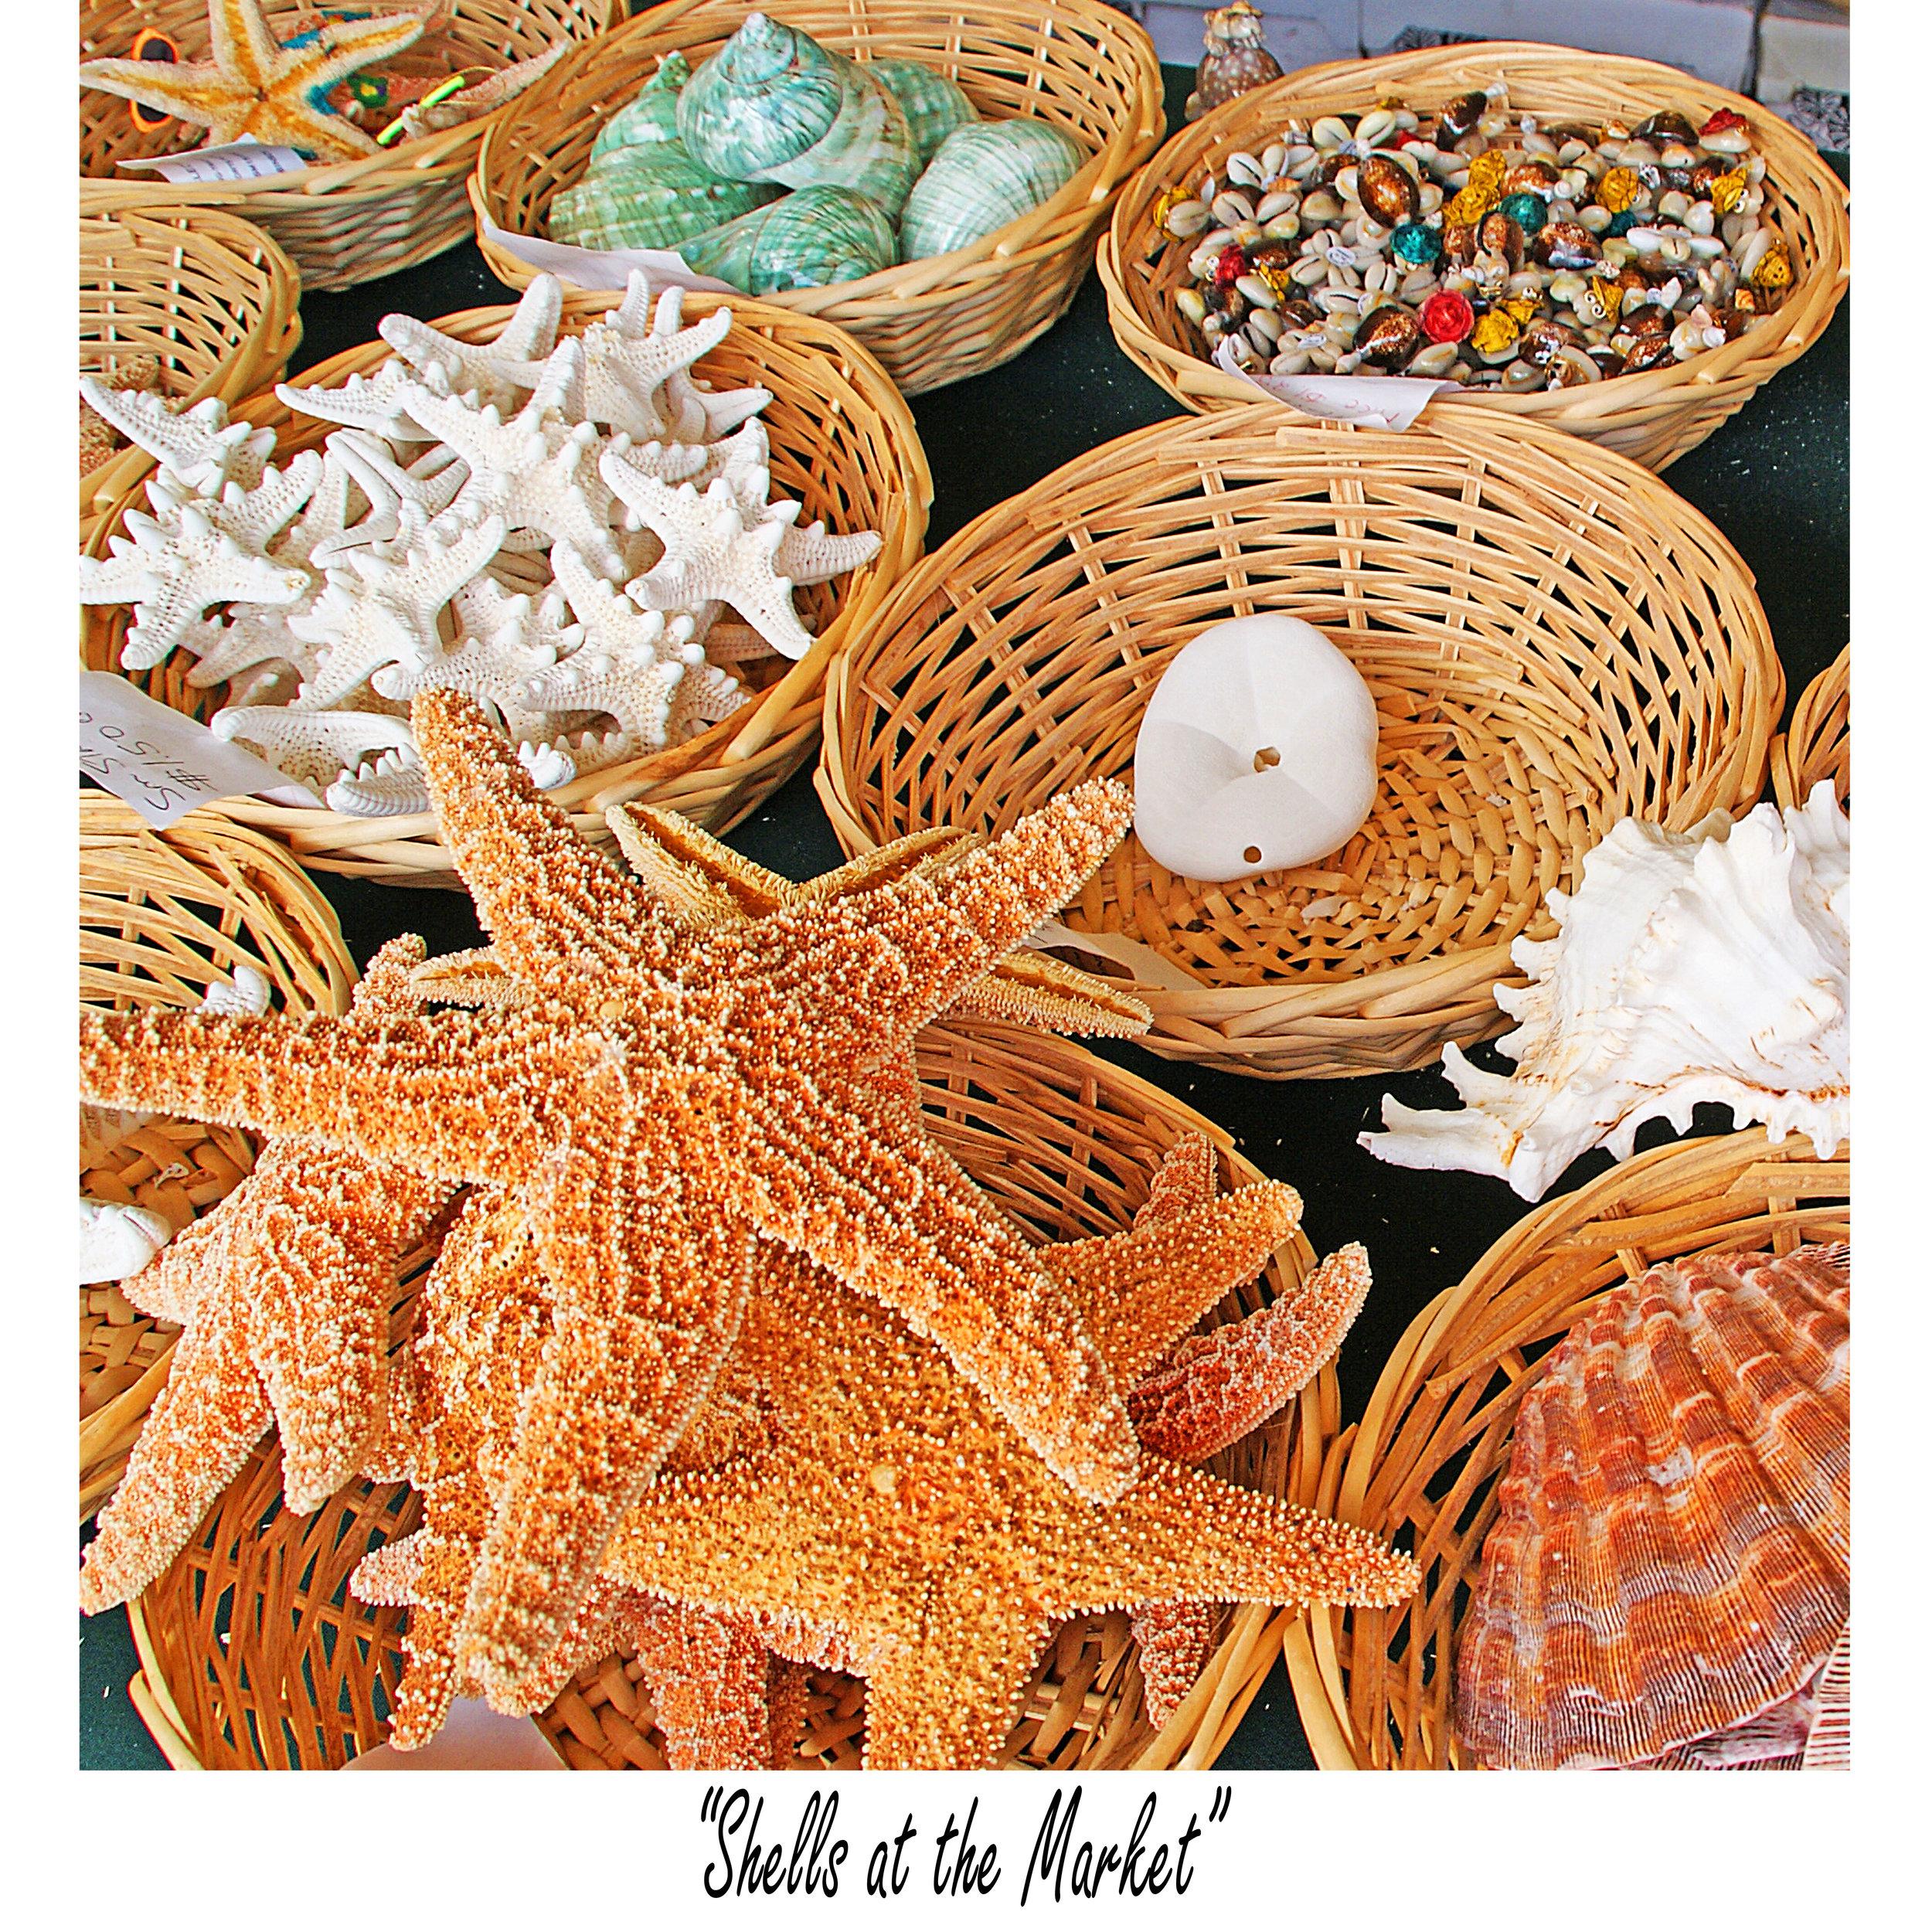 Shells at the Market (sq).jpg